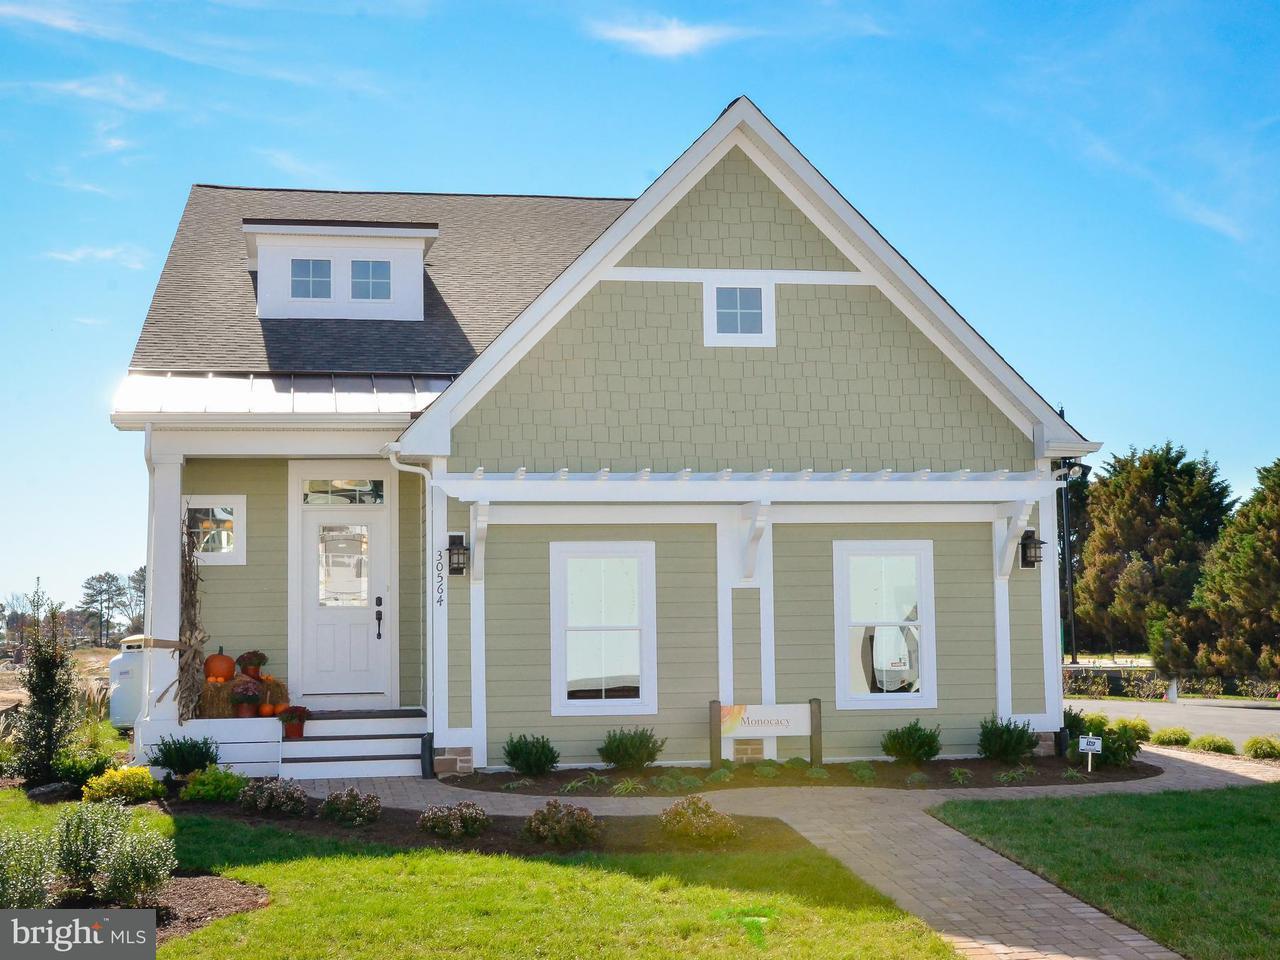 Casa Unifamiliar por un Venta en 3014 TURNSTILE WAY 3014 TURNSTILE WAY Odenton, Maryland 21113 Estados Unidos